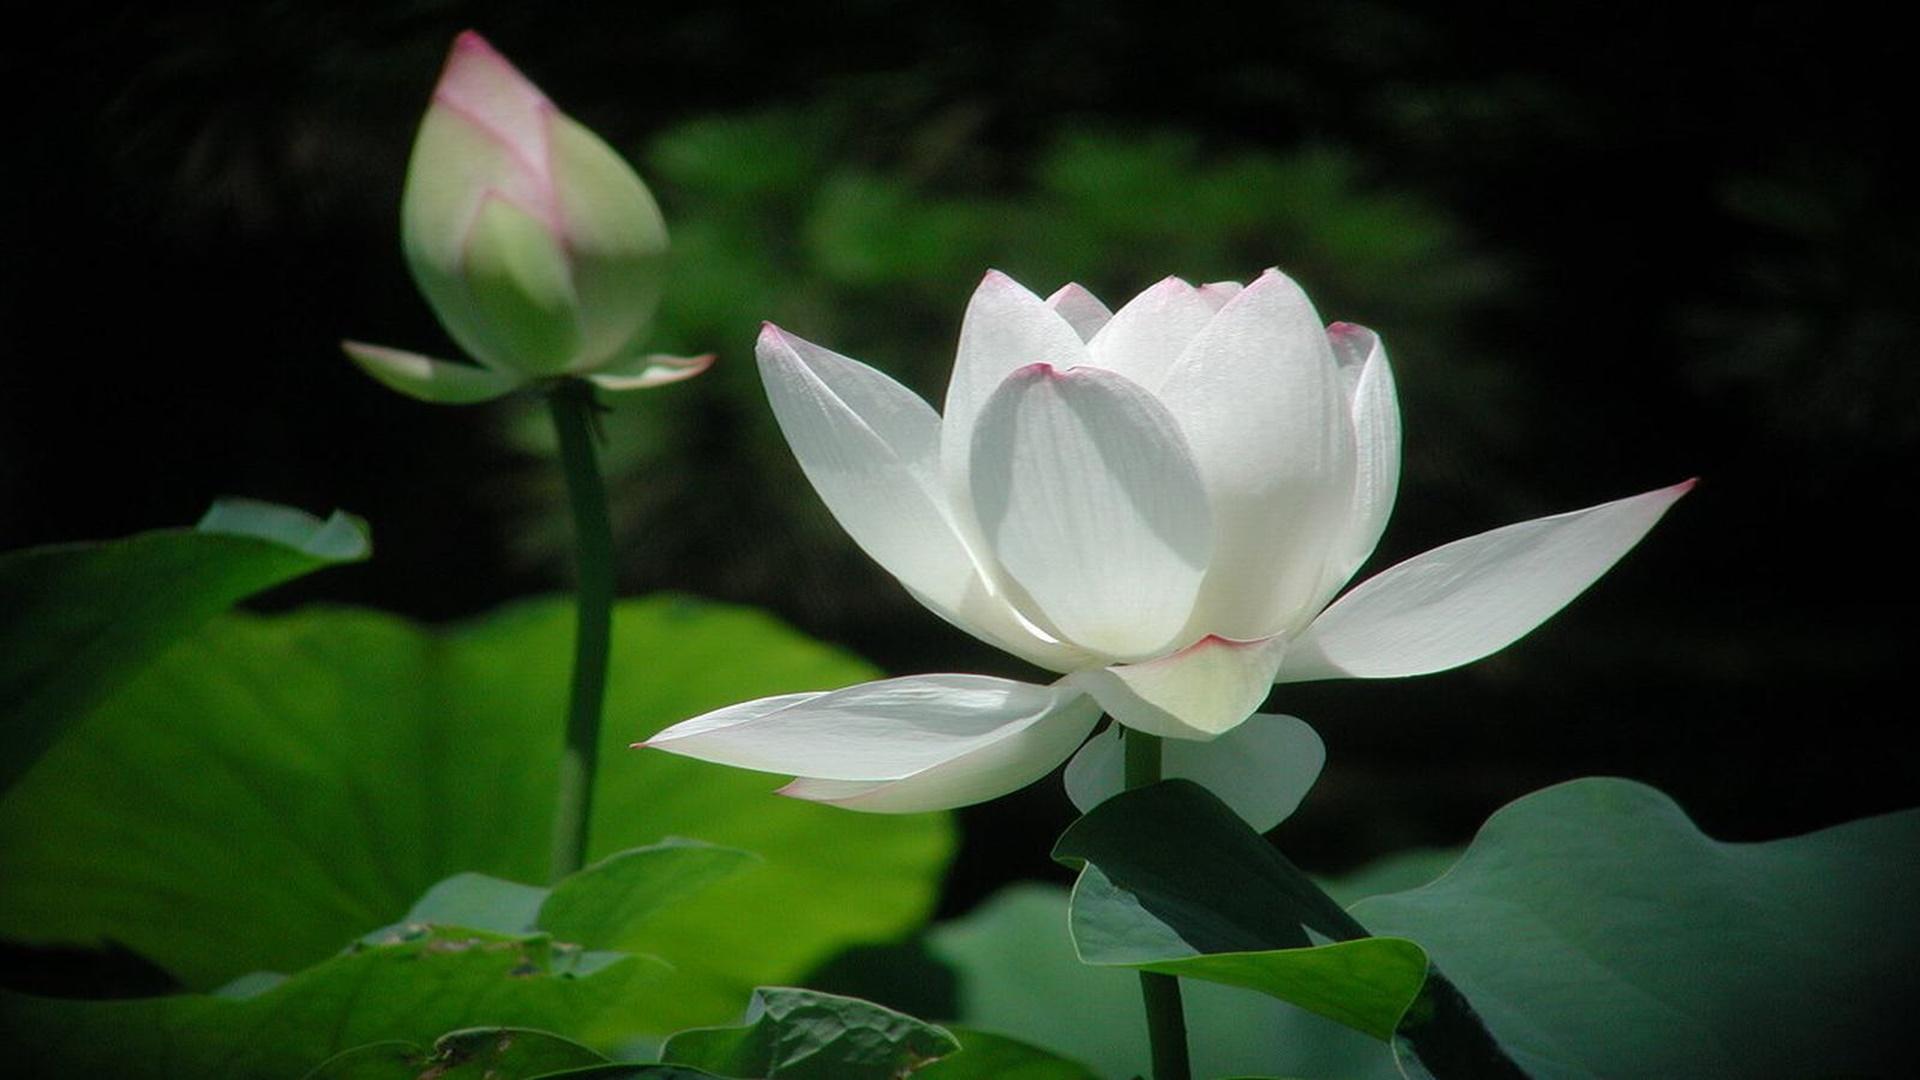 Hình nền về hoa sen rất được yêu thích